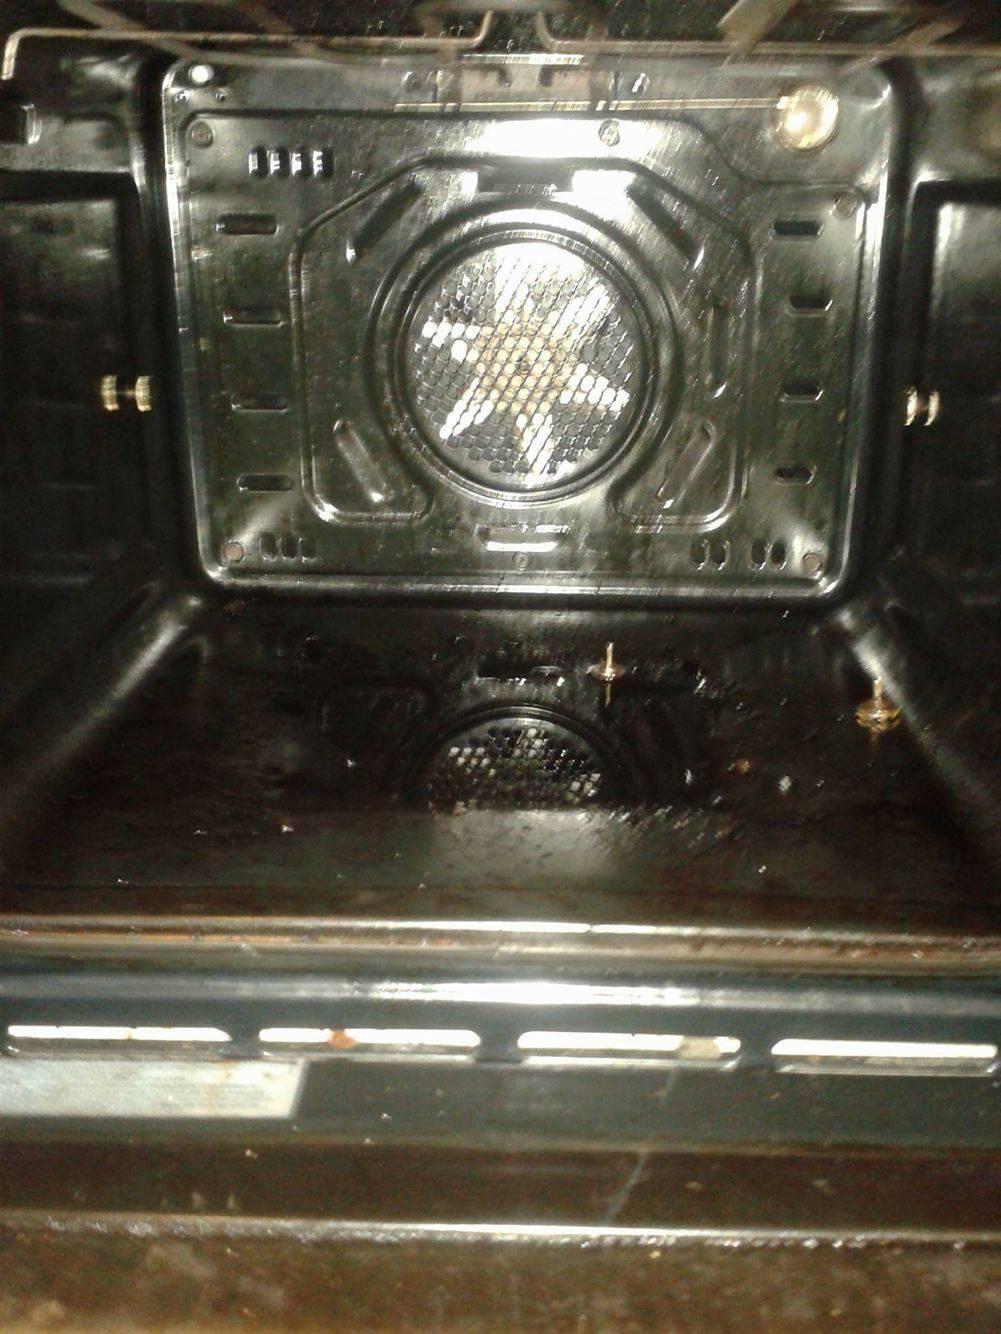 Oven Cleaning Bishops Stortford